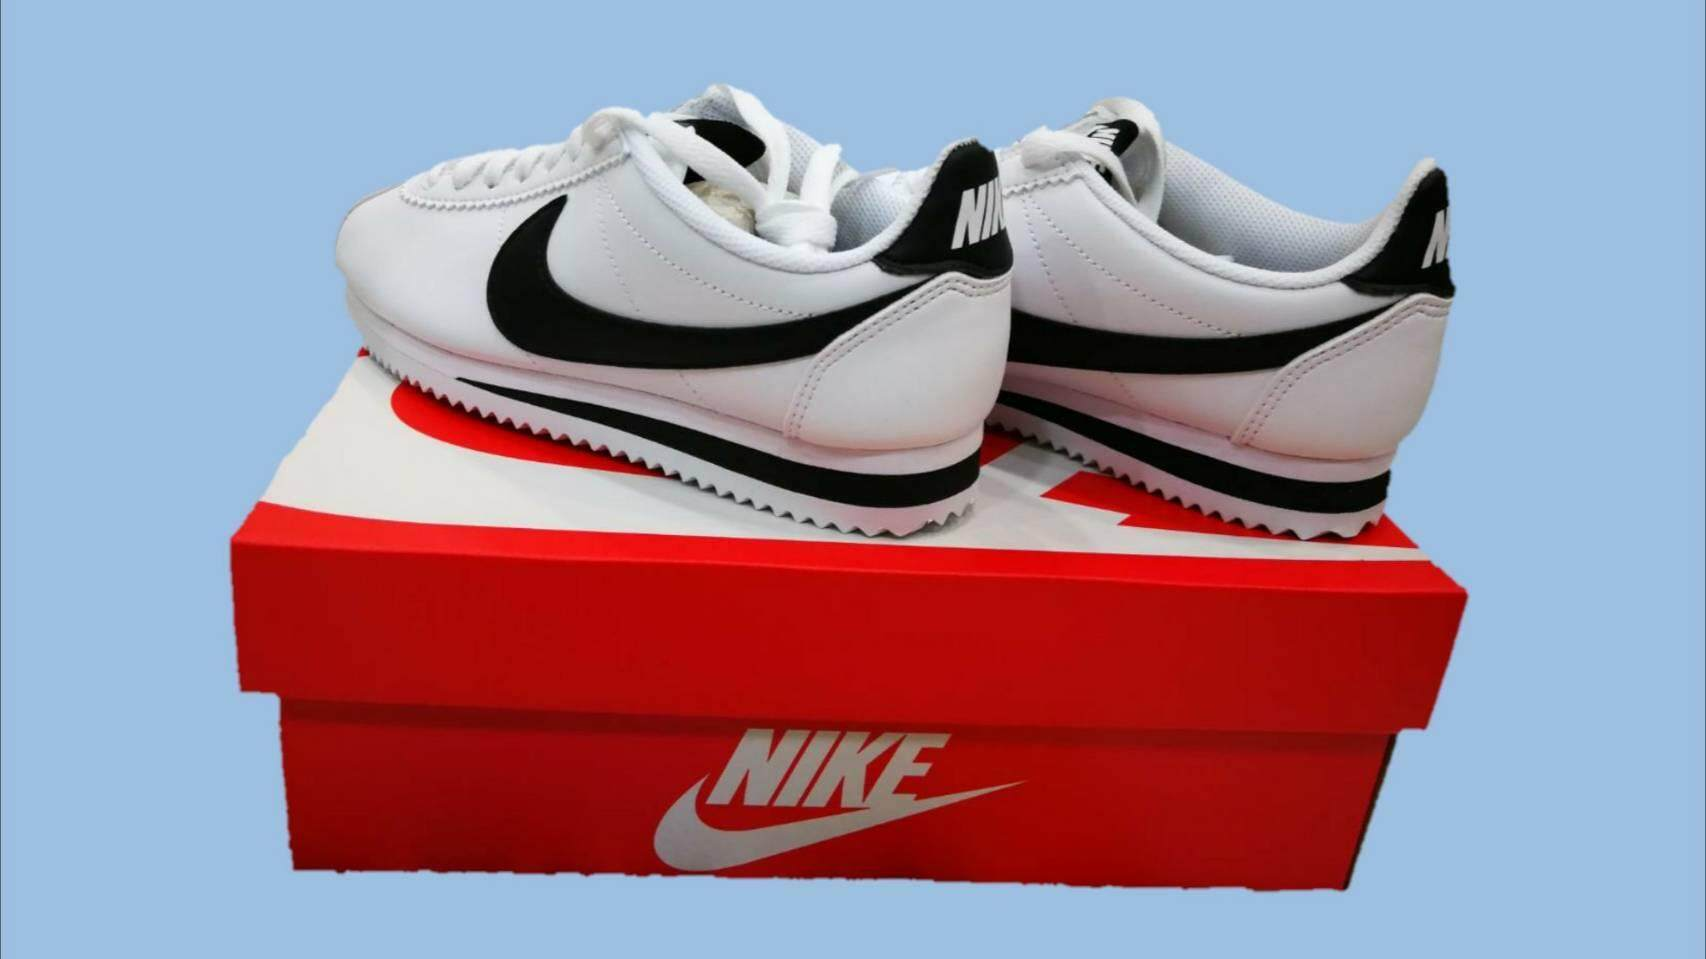 การใช้งาน  ยโสธร Nike Classic Cortez Leather